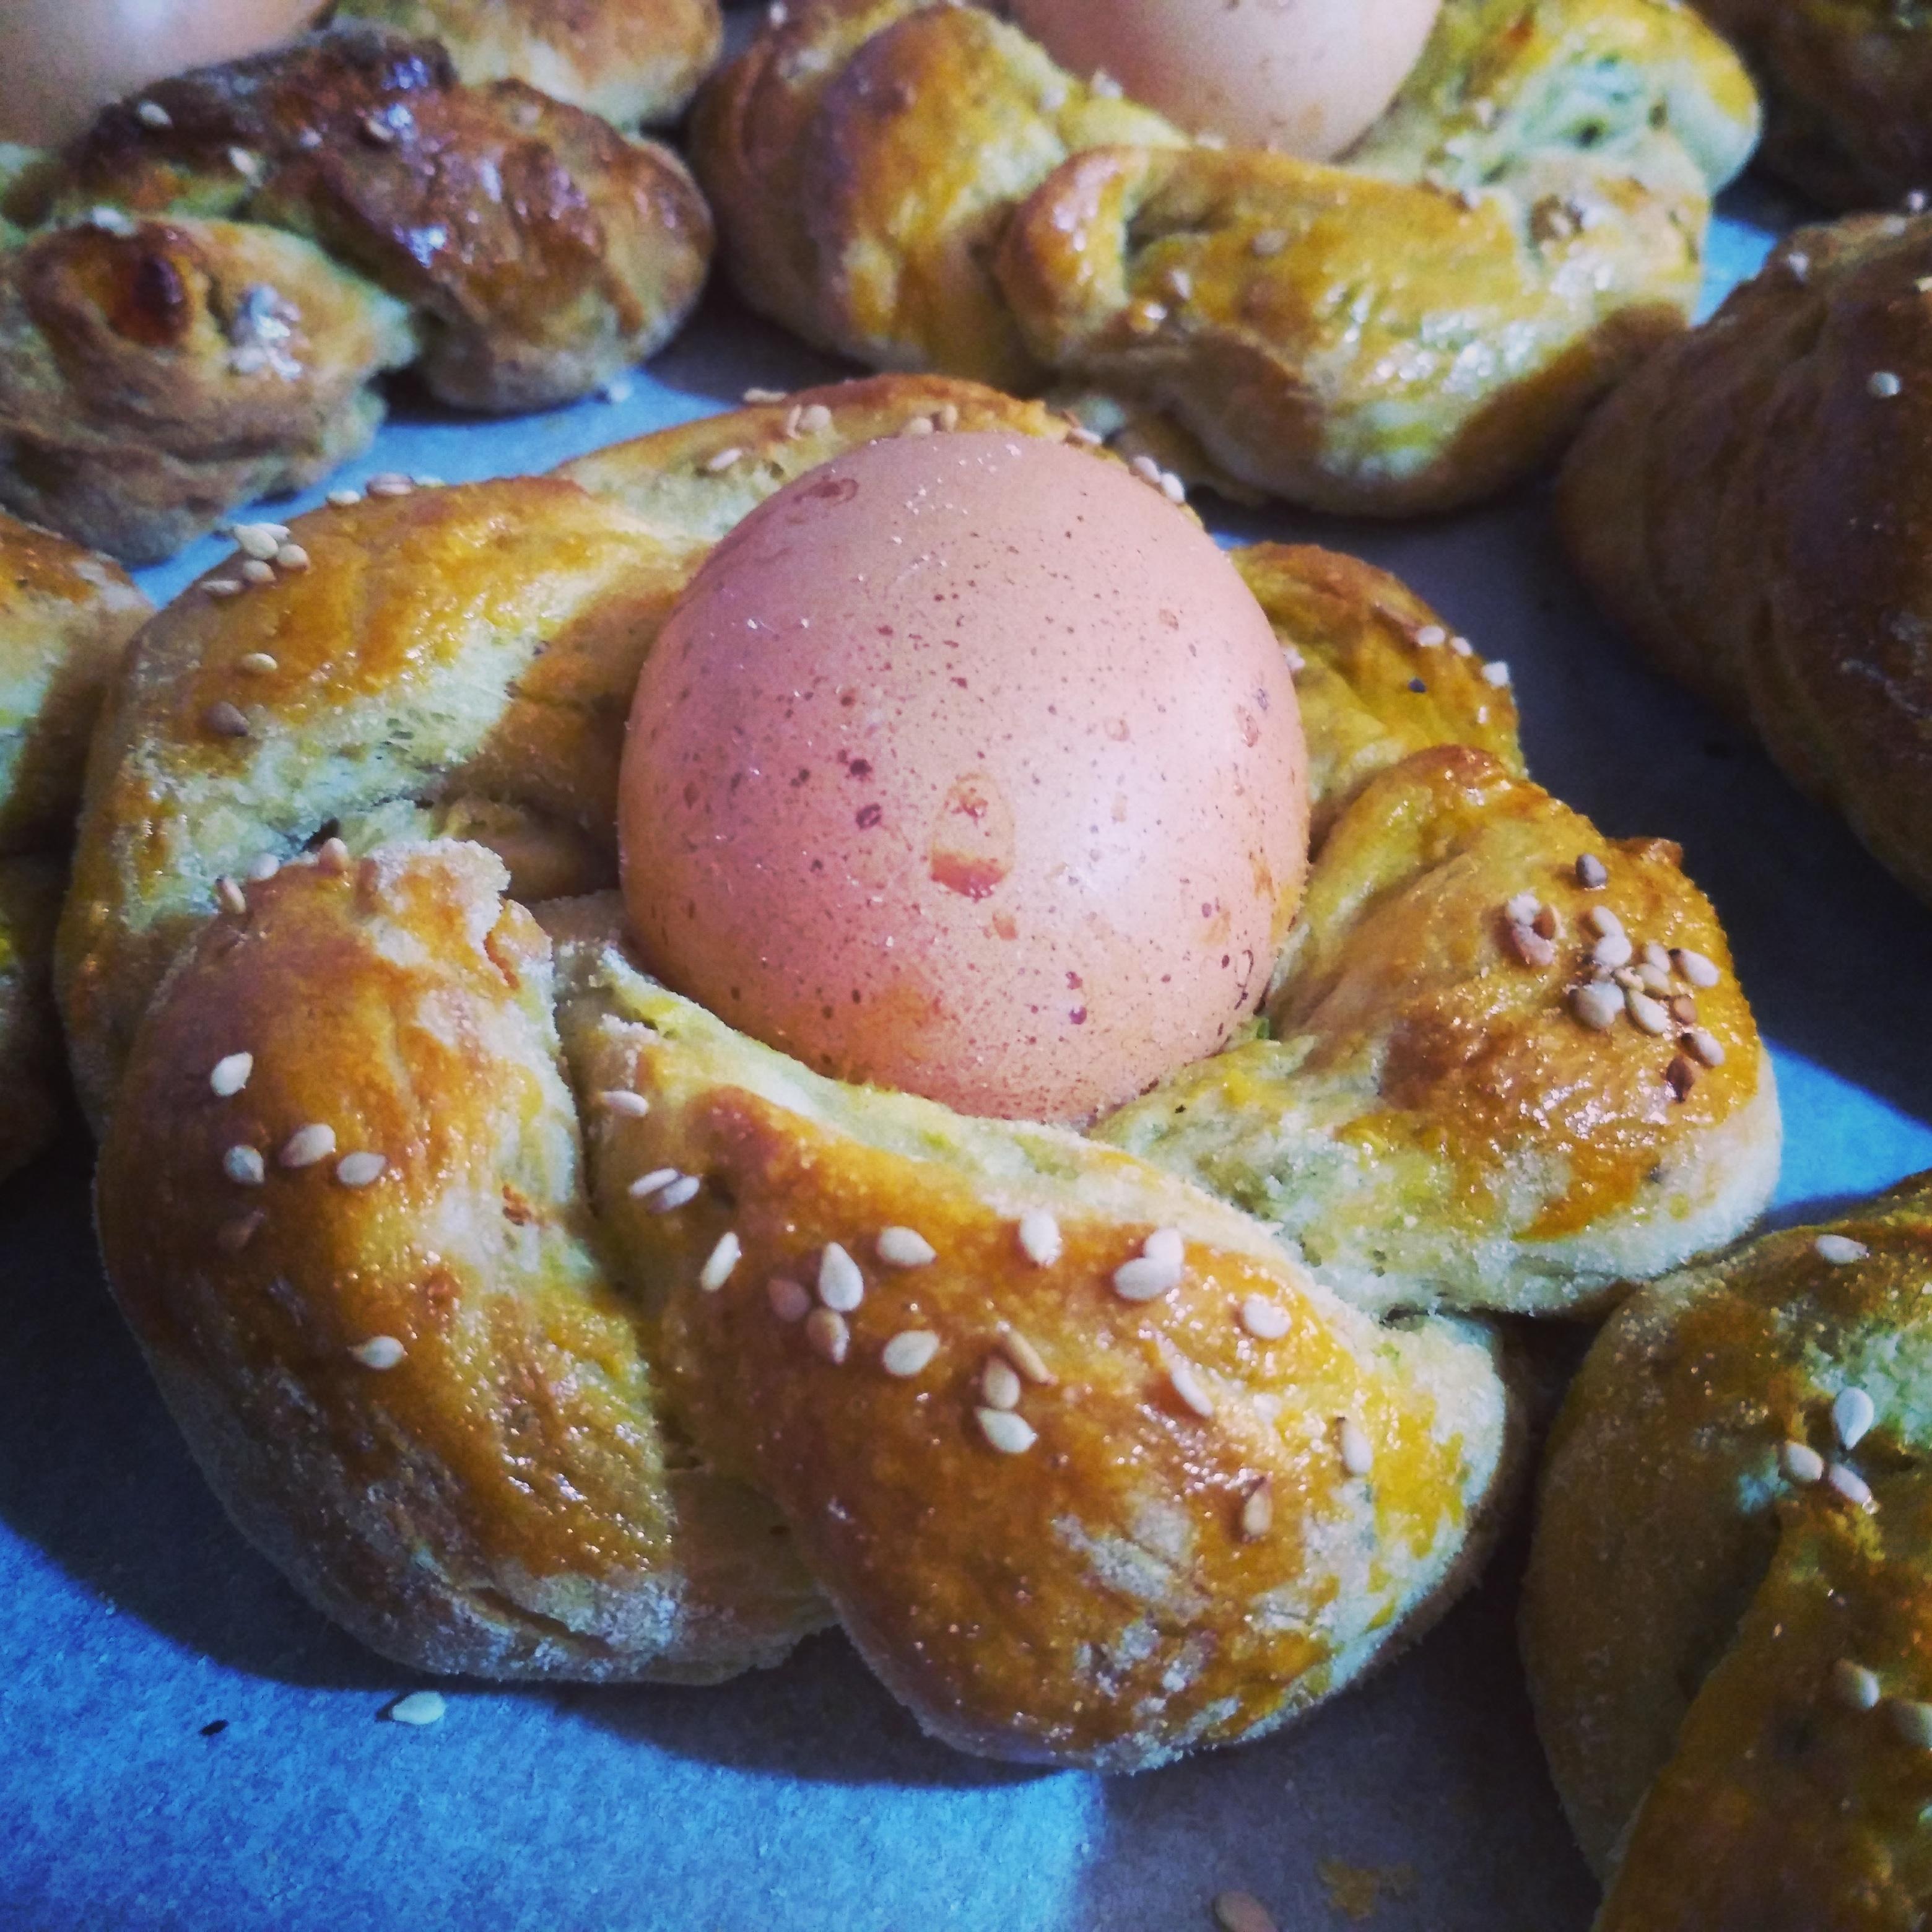 Trecce salate con uova senza lattosio e senza formaggio